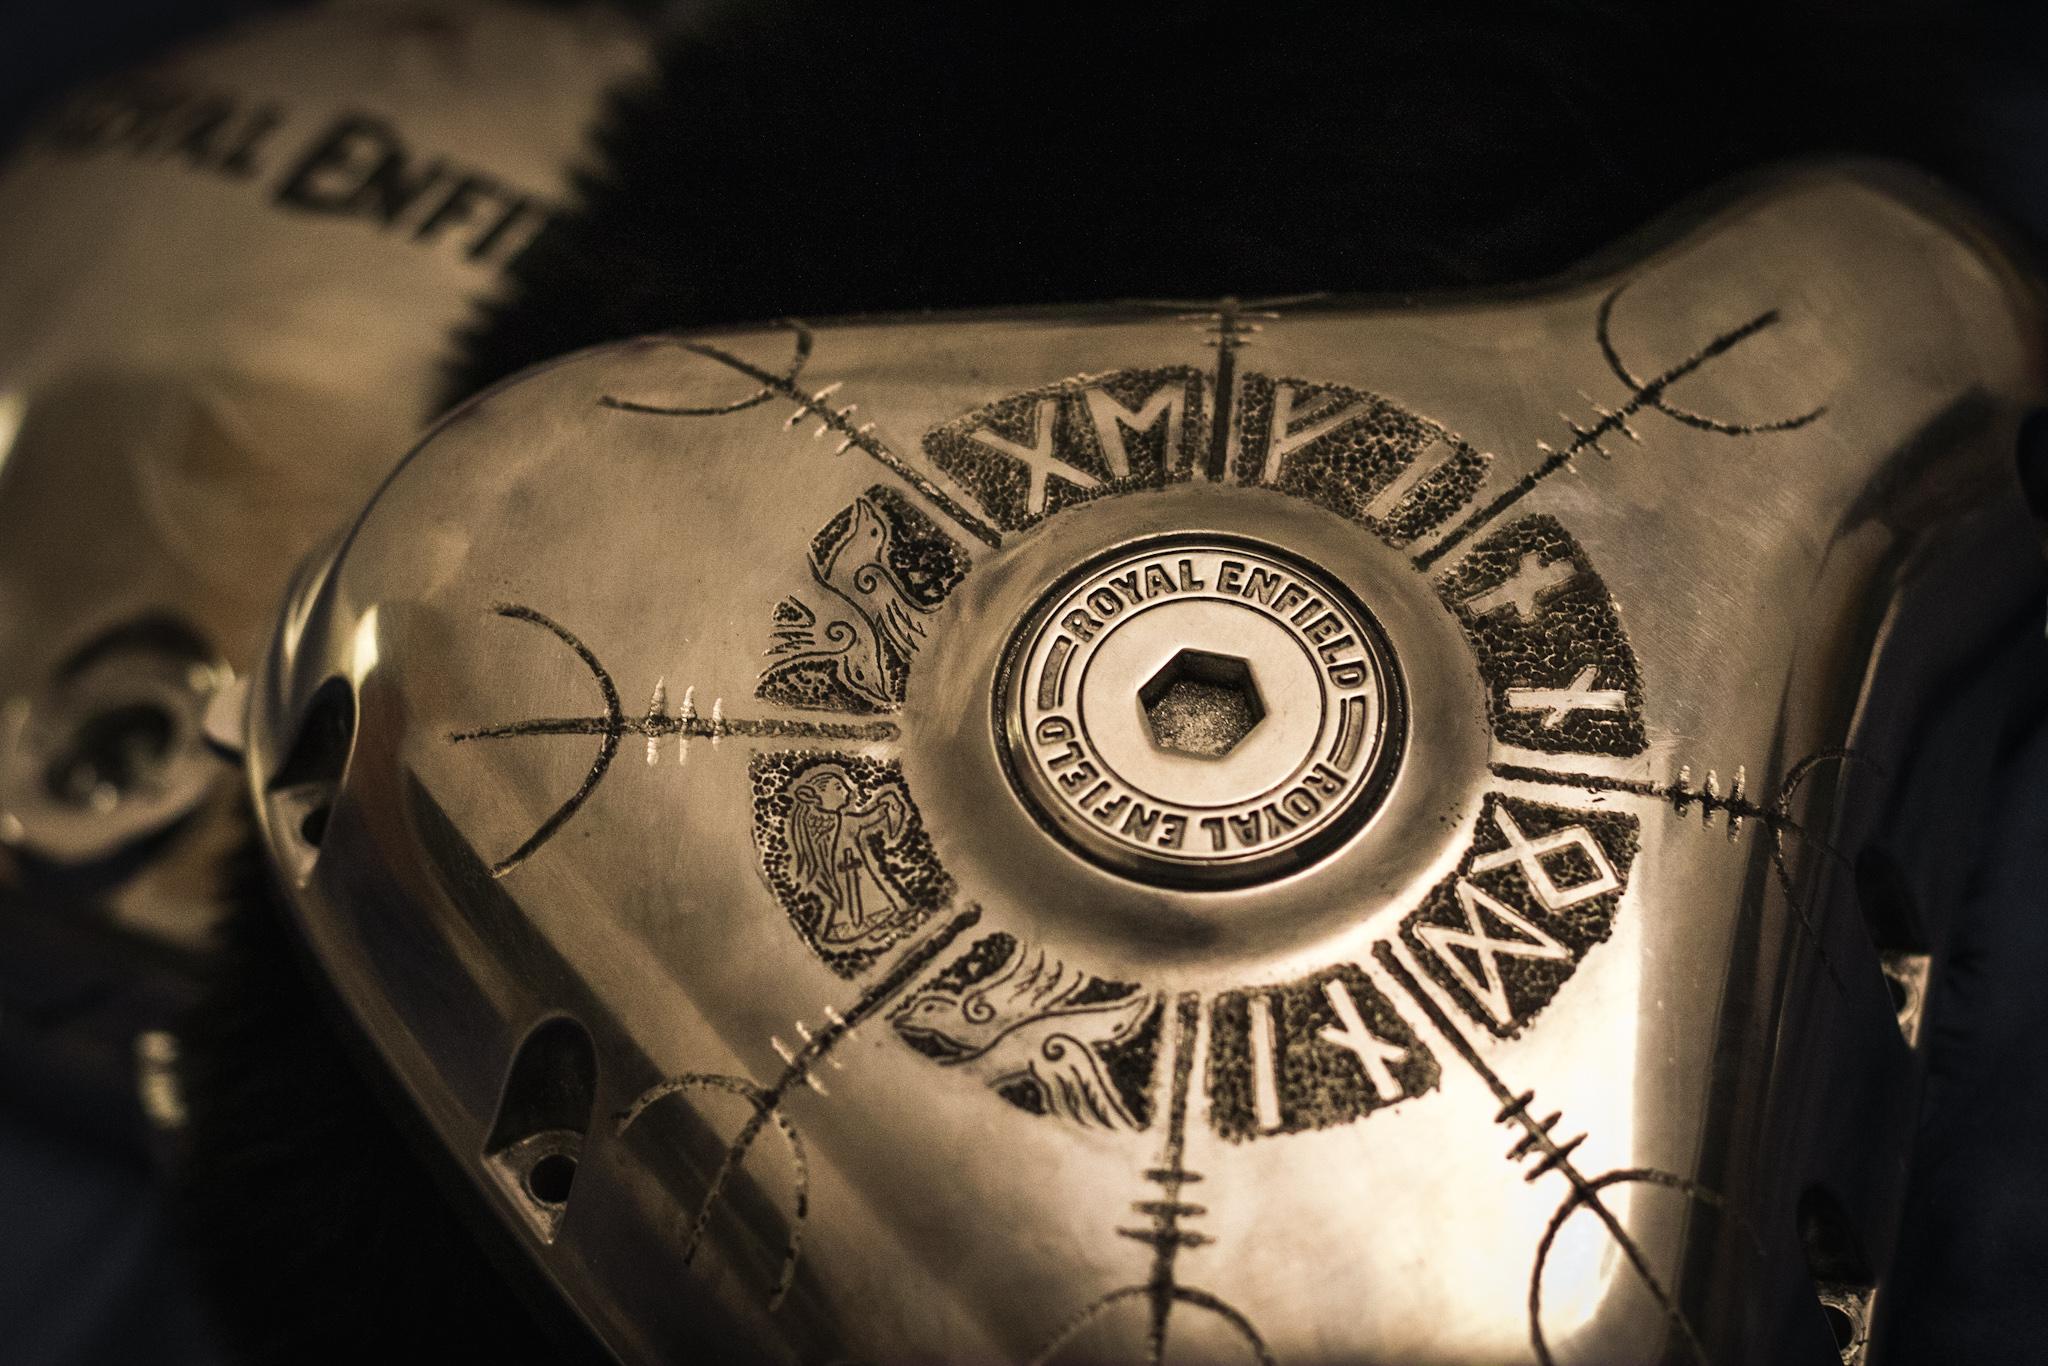 Royal Enfield Gungnir runic engravings